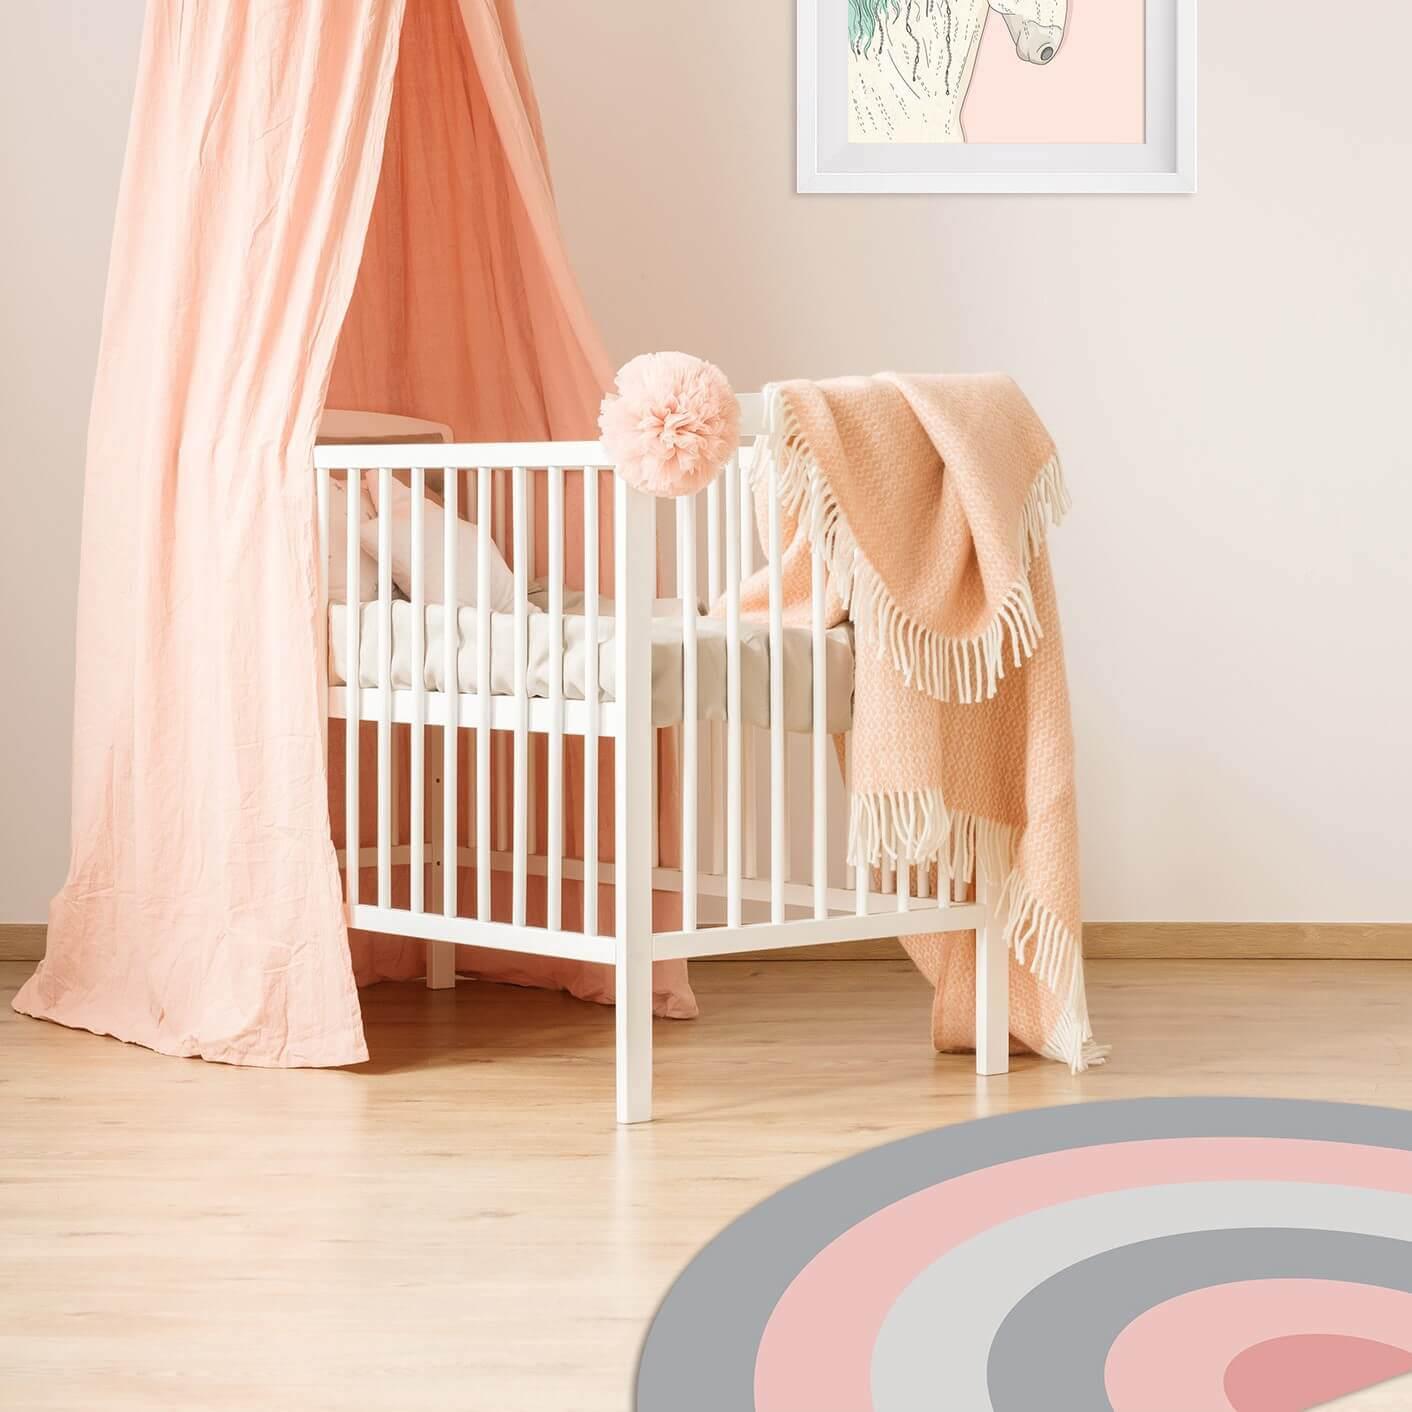 שטיח לחדר ילדים שטיח עגול חצוי